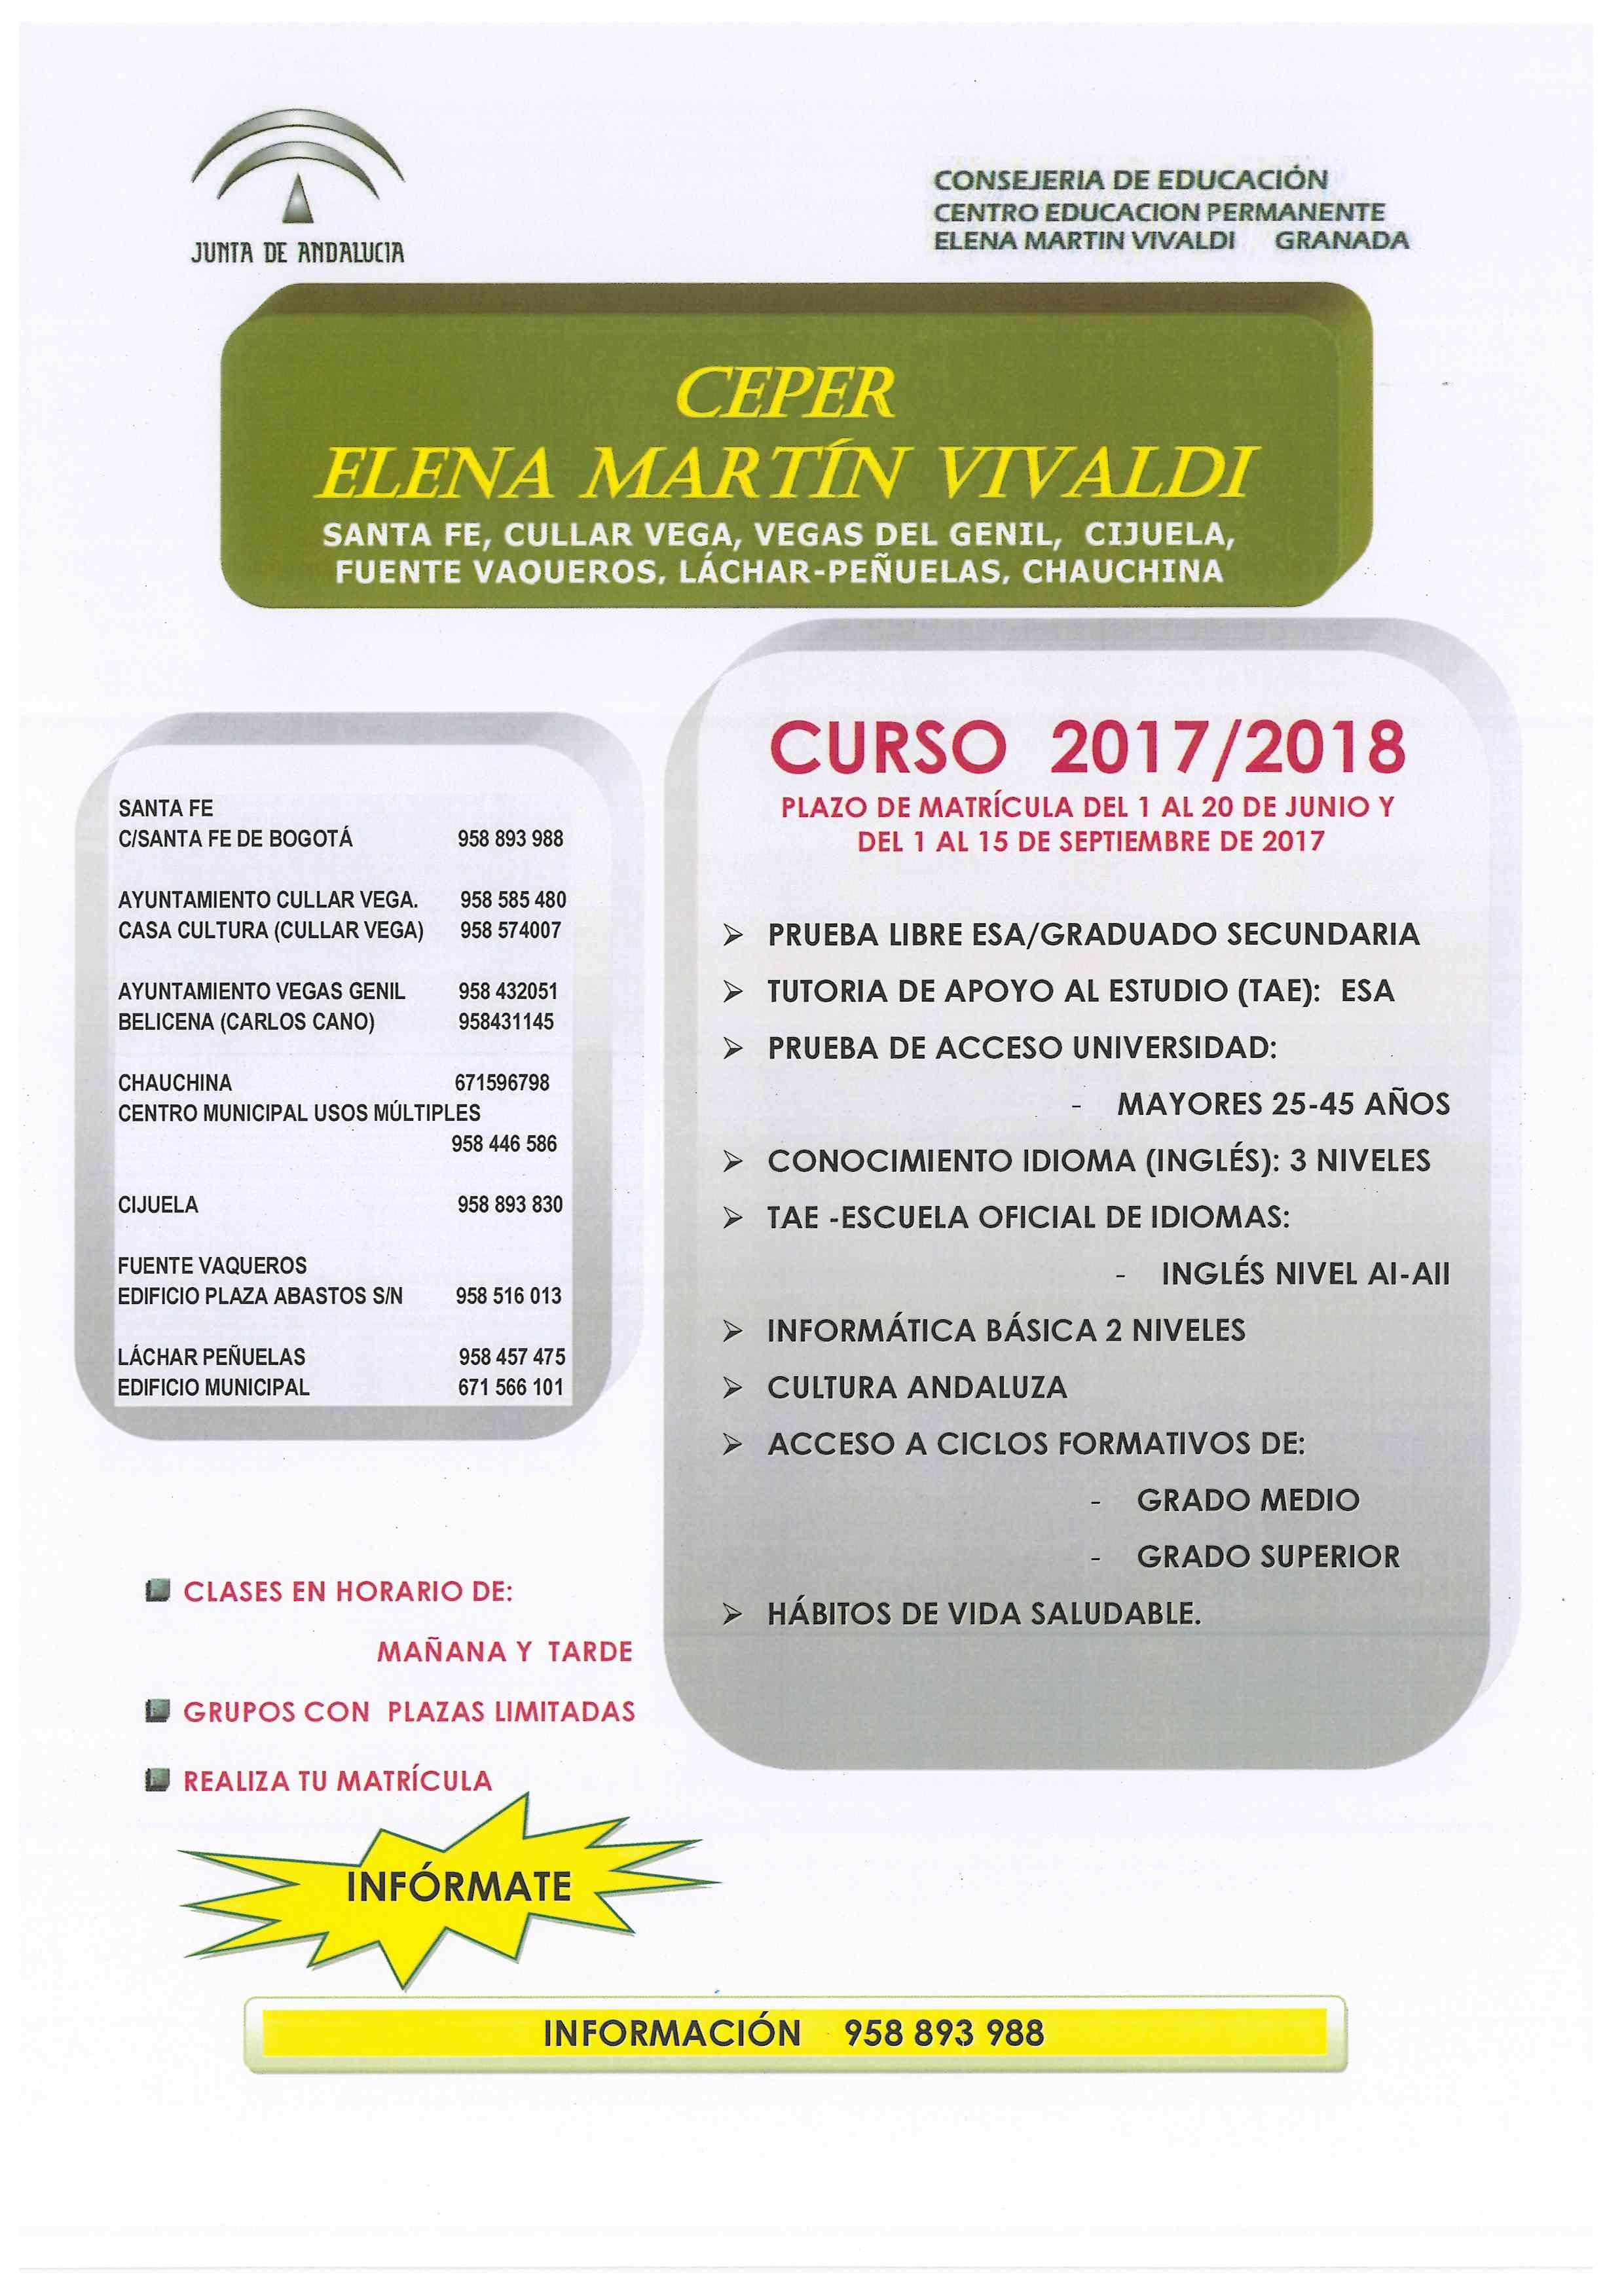 Oferta Educativa Centro de Educación Permanente